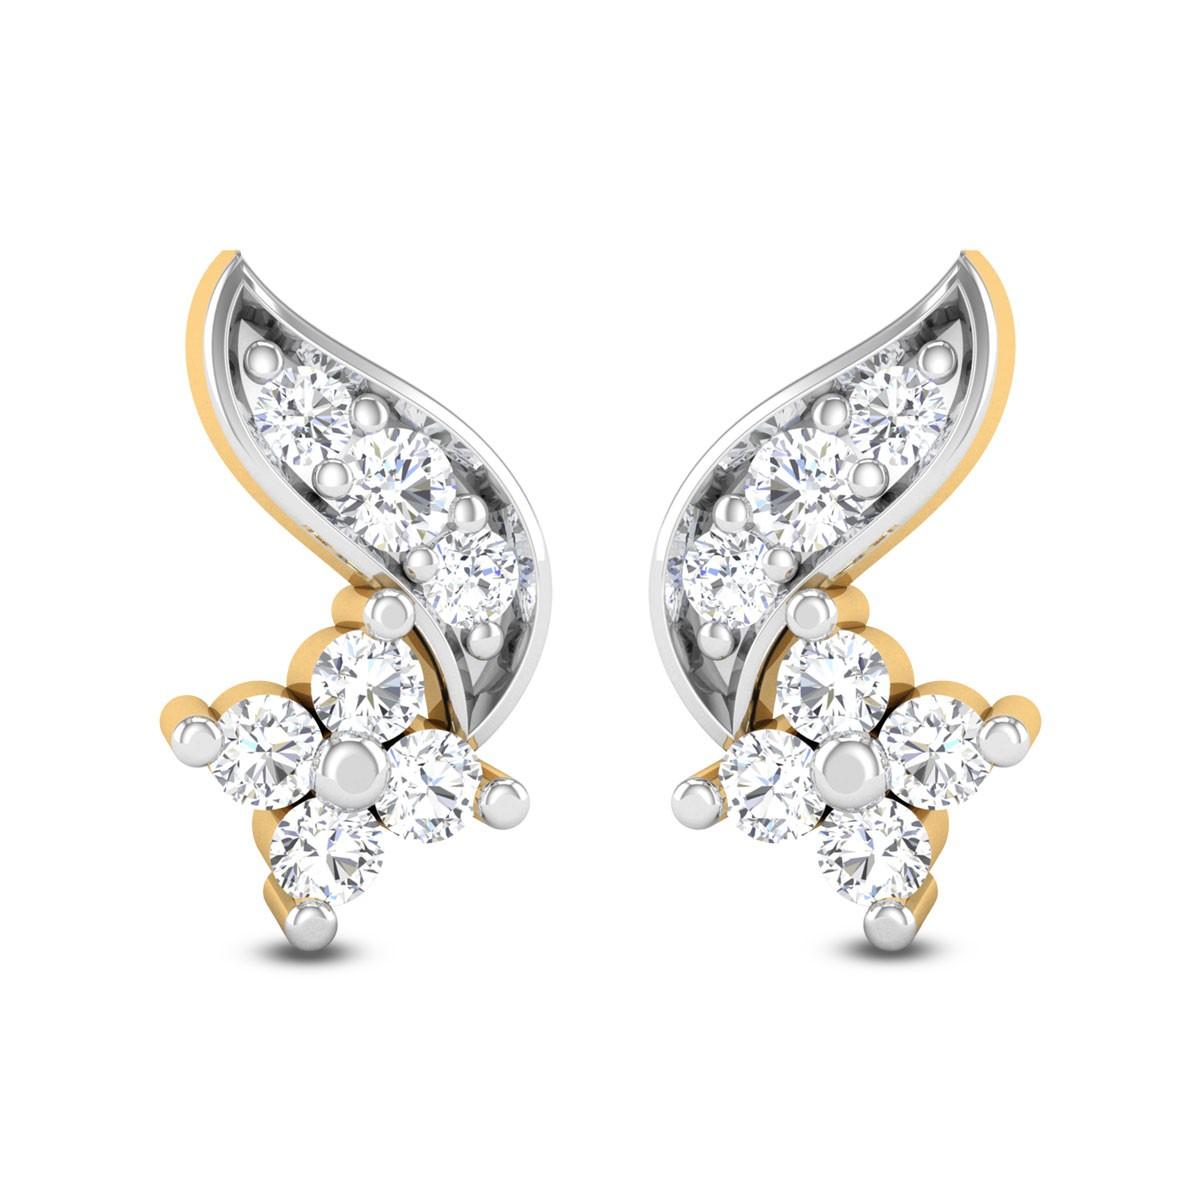 Sublime Beauty Diamond Earrings